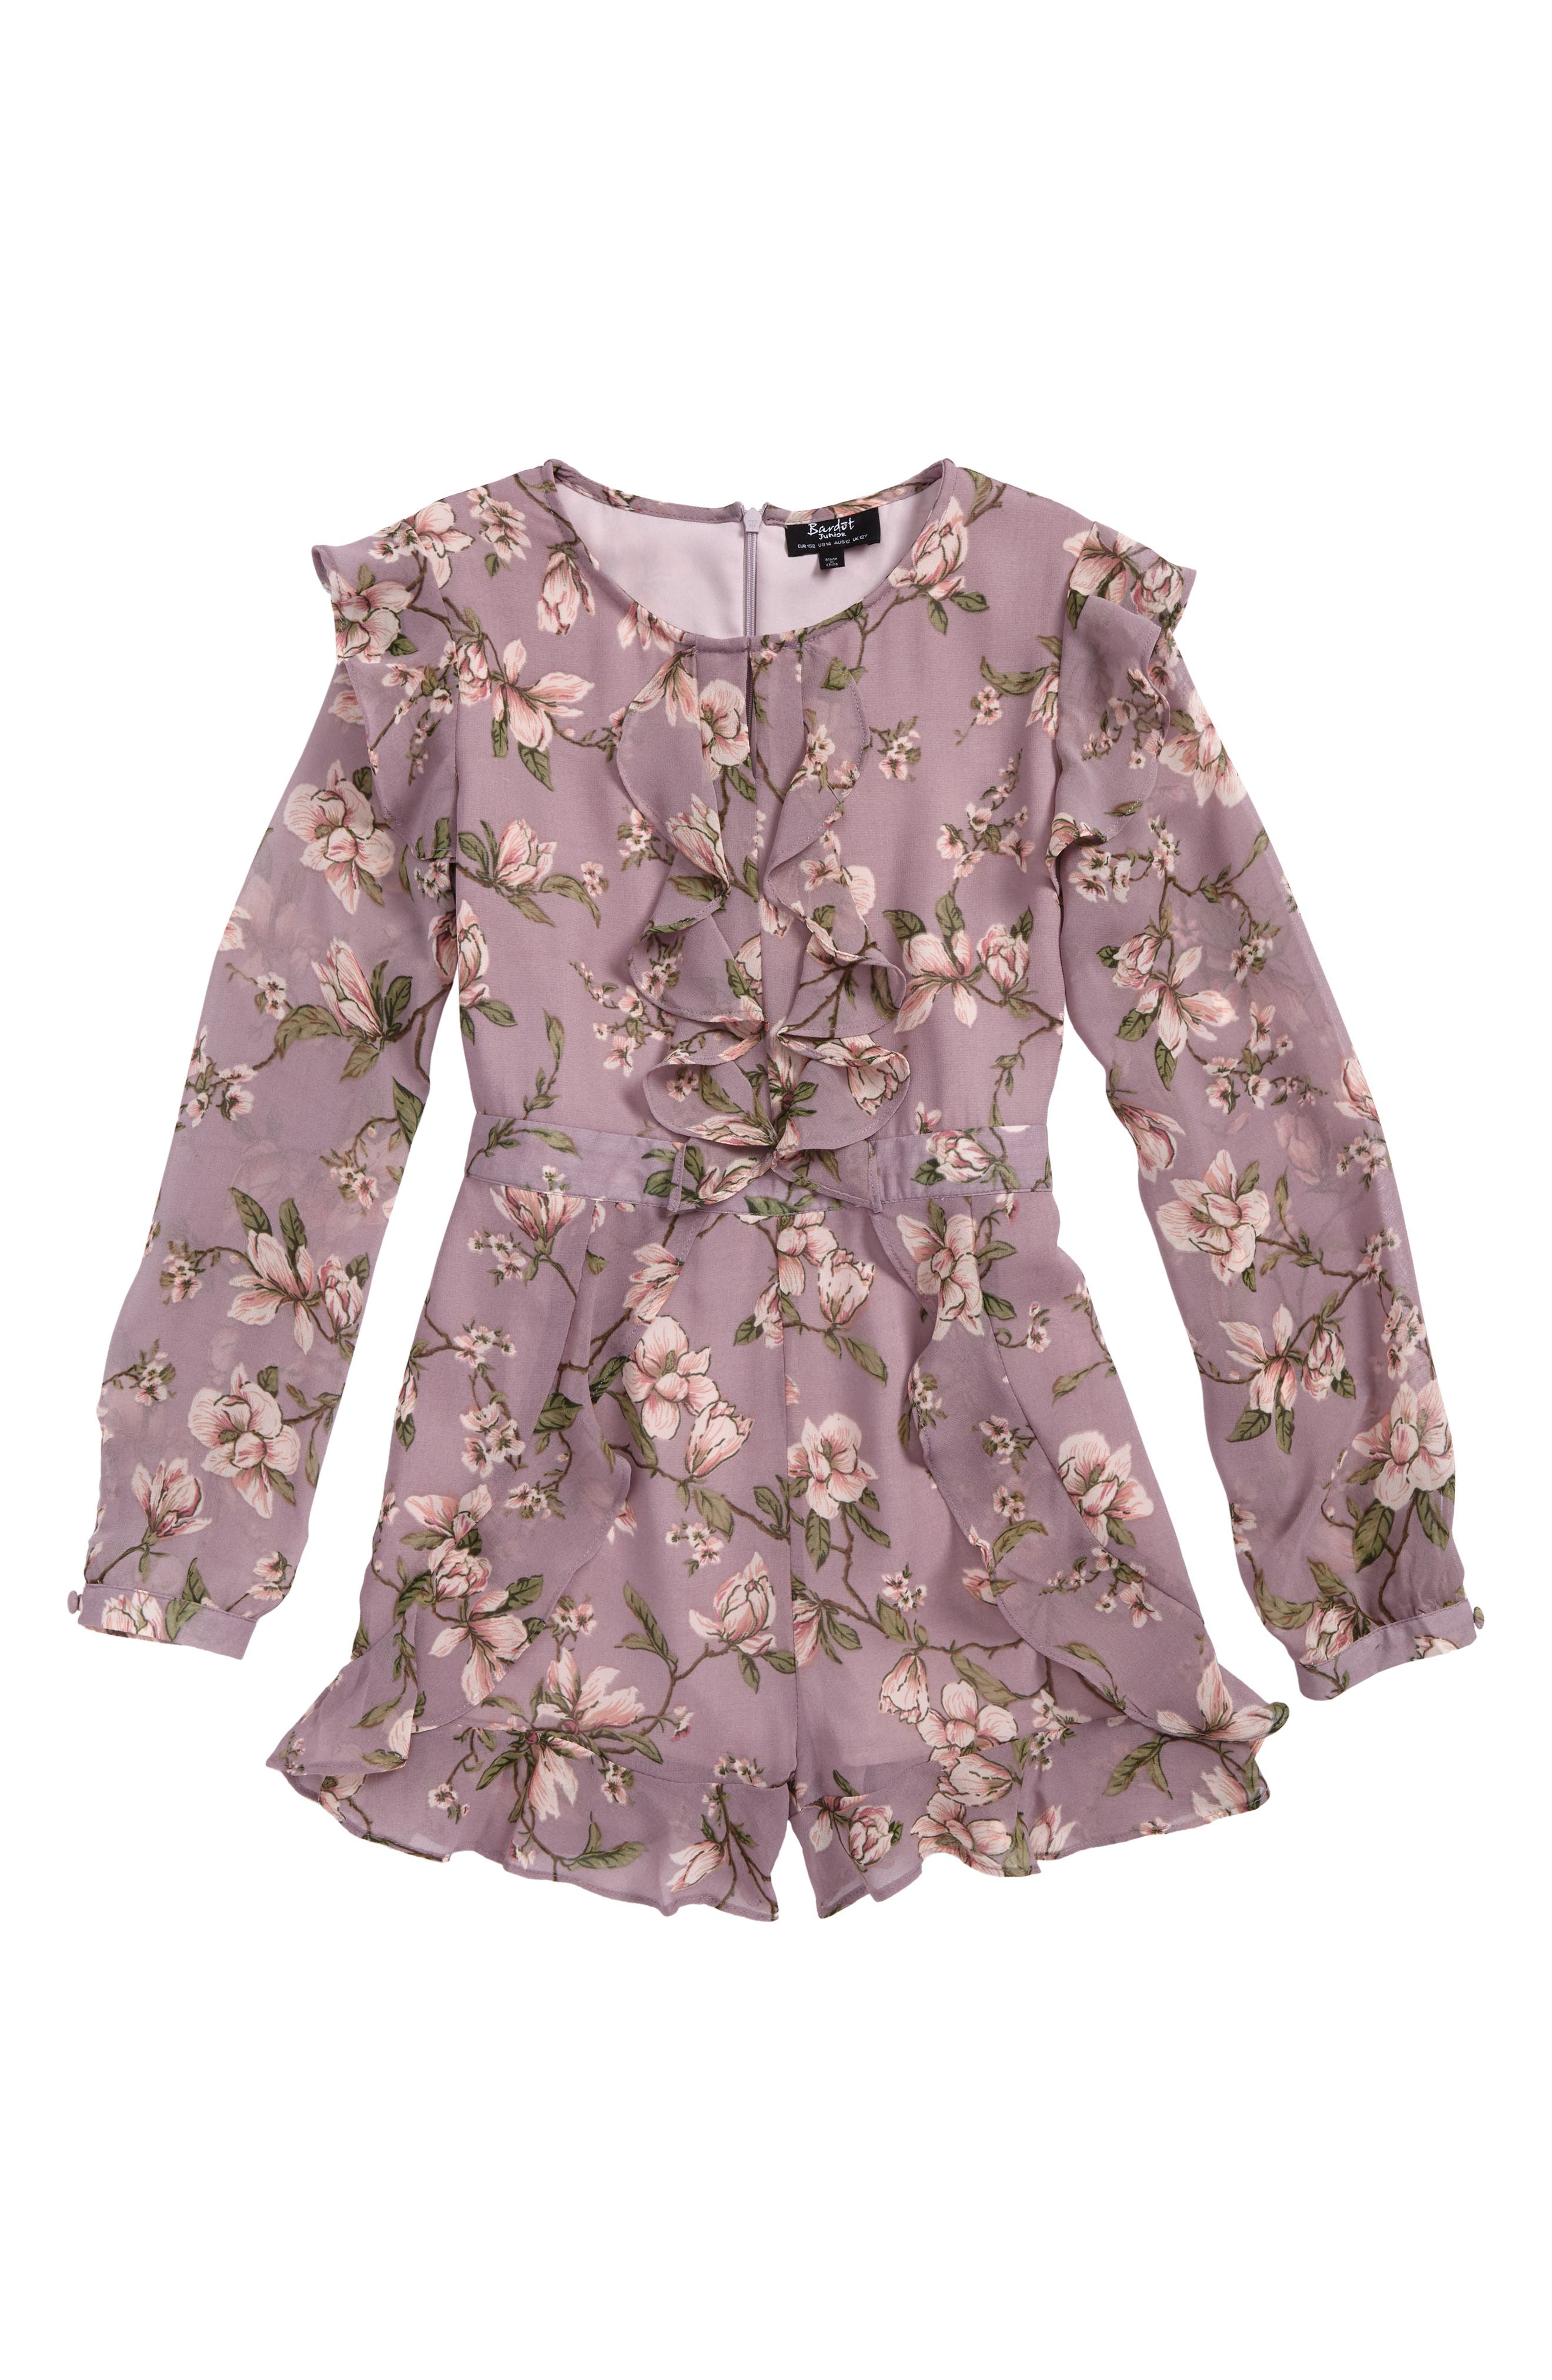 Alternate Image 1 Selected - Bardot Junior Magnolia Floral Romper (Little Girls & Big Girls)